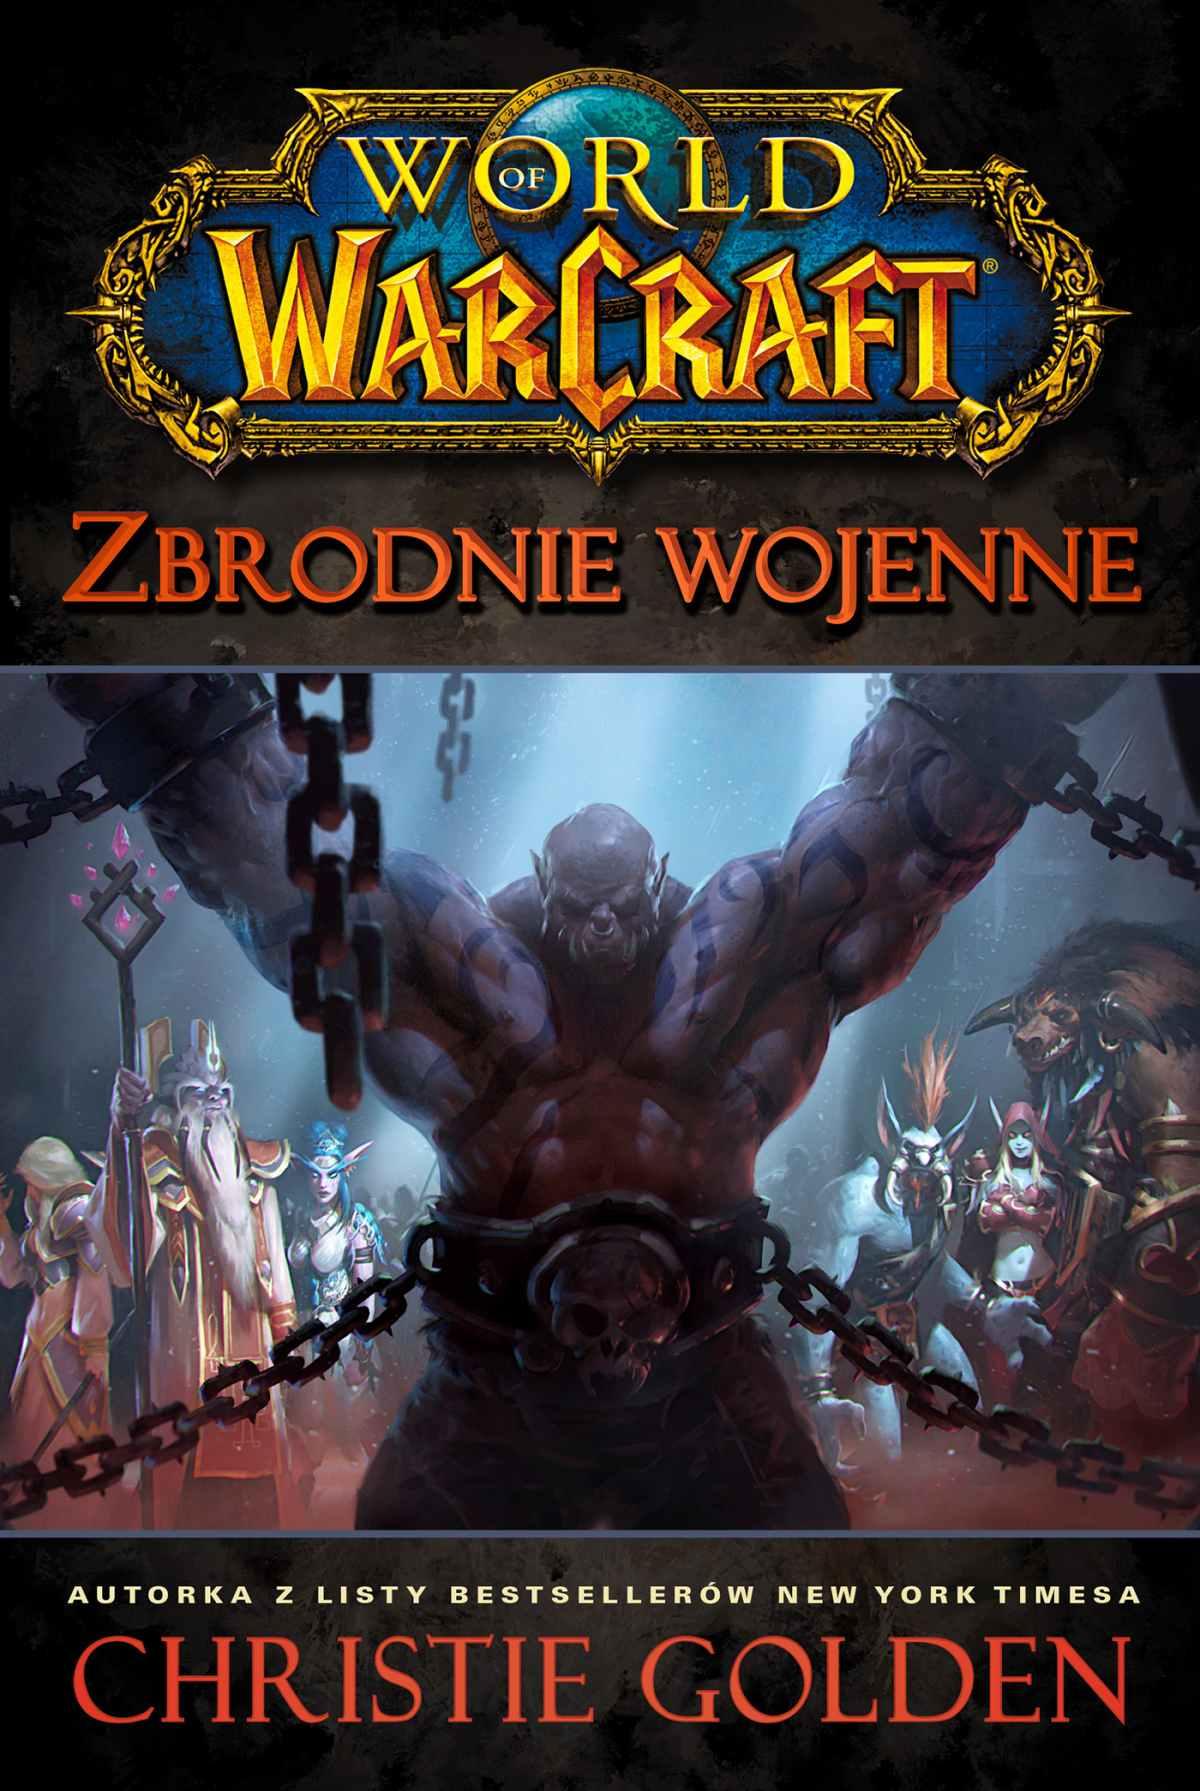 World of Warcraft: Zbrodnie wojenne - Ebook (Książka EPUB) do pobrania w formacie EPUB